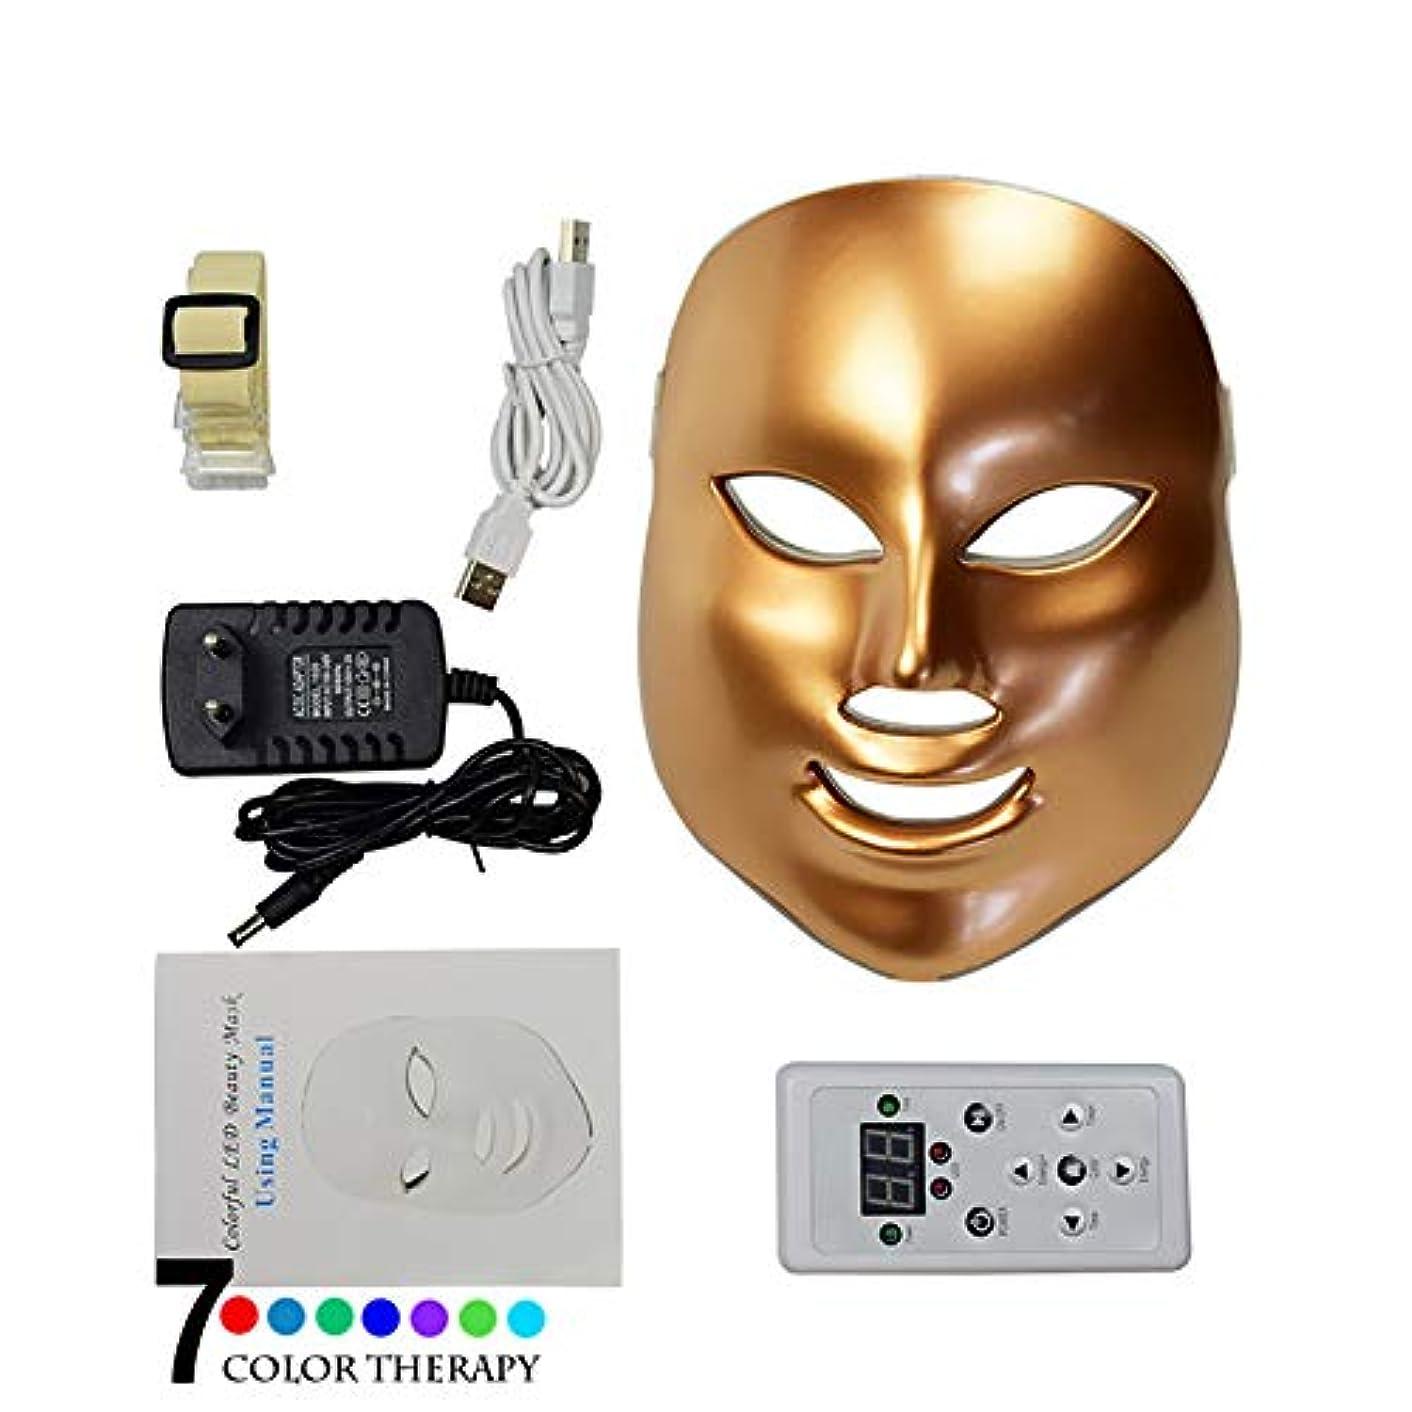 ダッシュ和適性7色LEDフェイスマスク、7色LEDスキン光線療法器具、健康的な肌の若返りのためのレッドライトセラピー、アンチエイジング、しわ、瘢痕化,Gold